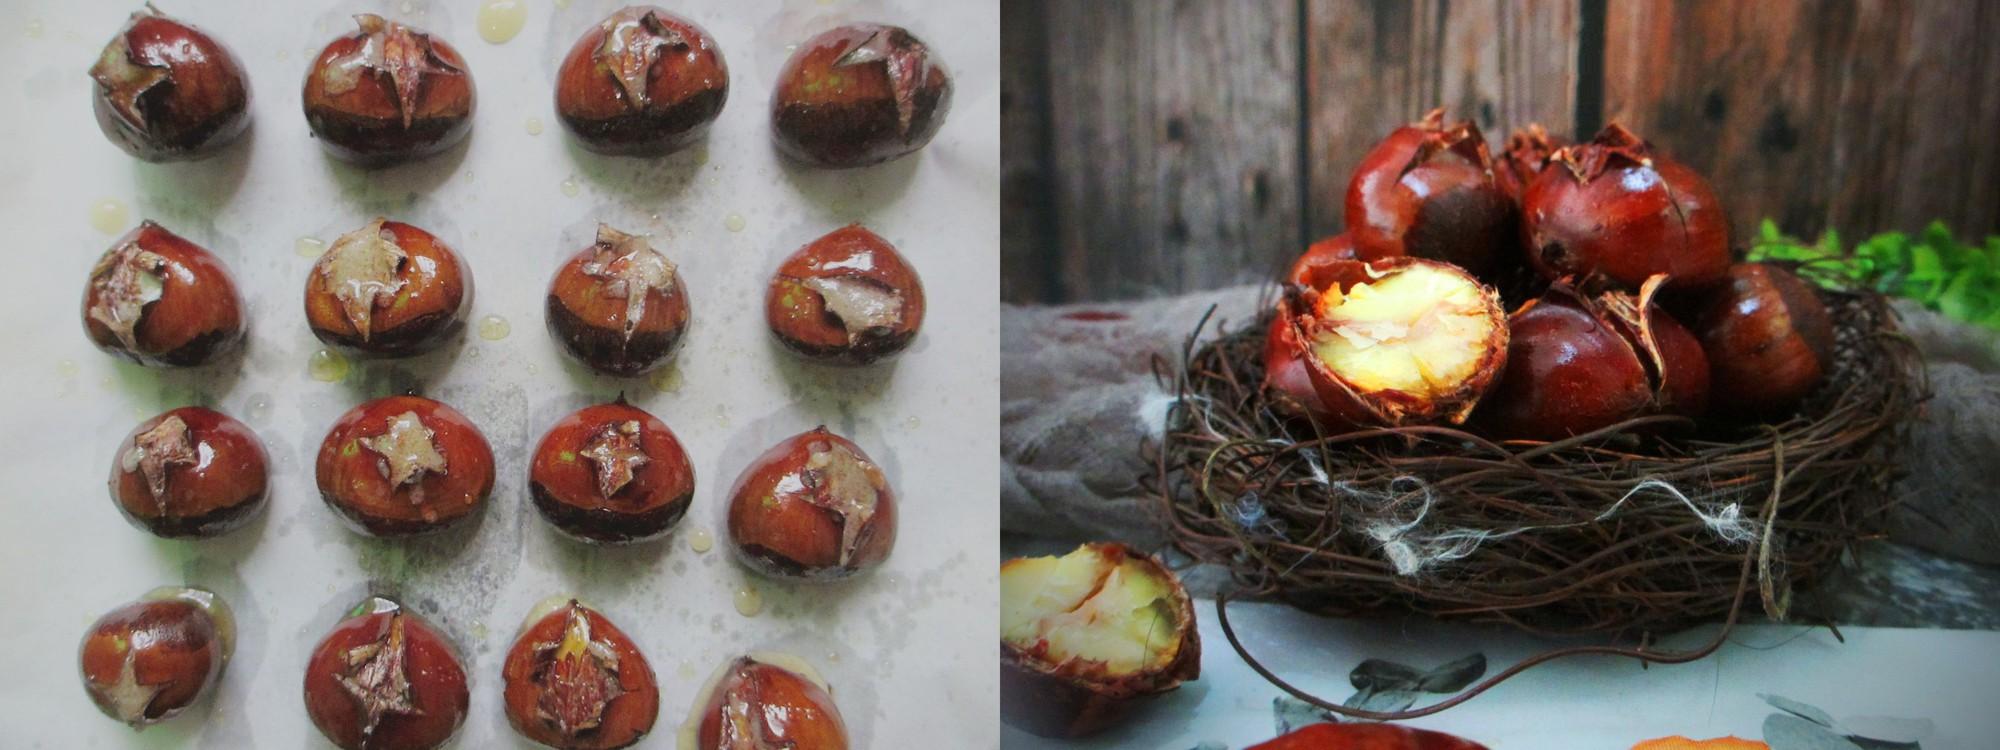 Hạt dẻ nướng bùi thơm nóng hổi là món ngon không thể thiếu mỗi độ đông về - Hình 4